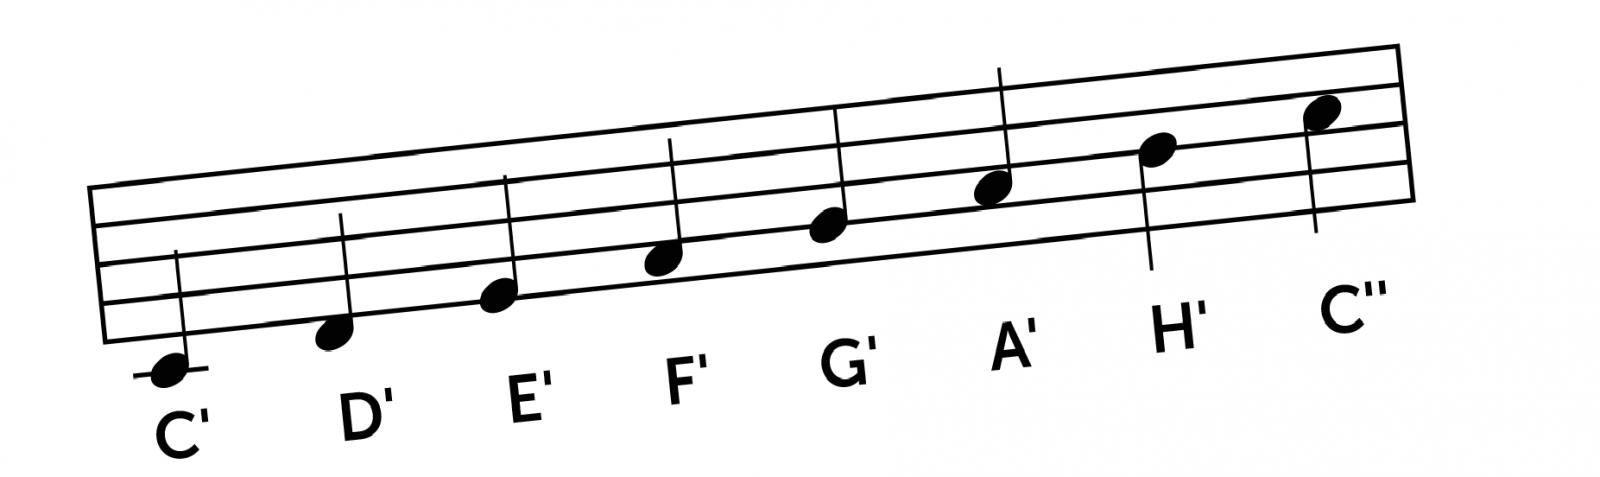 Wie Heißt Die Musik